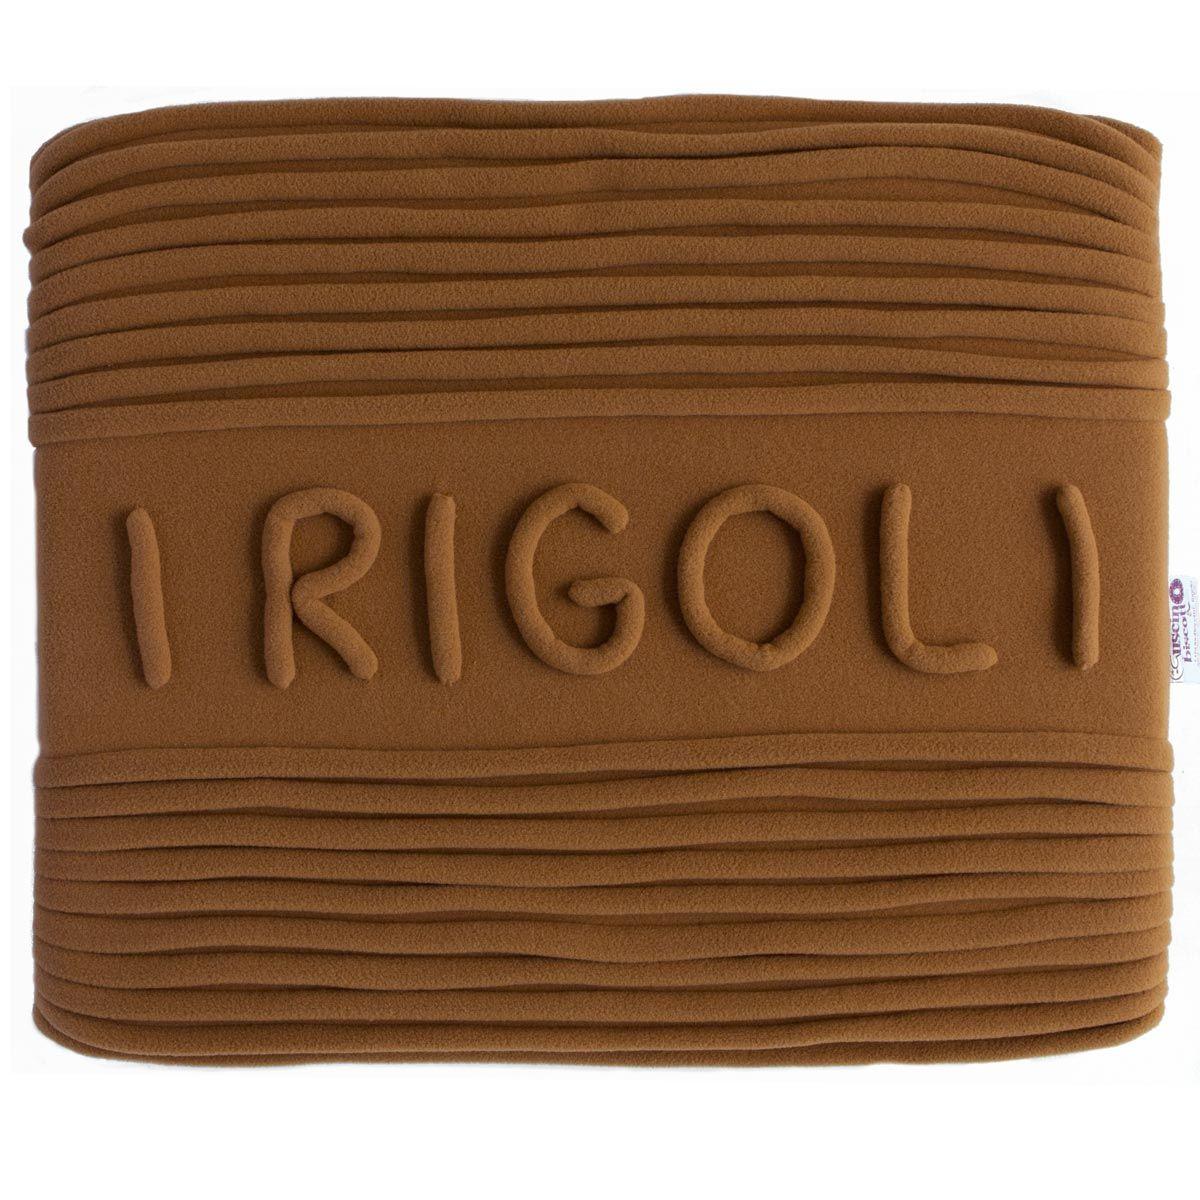 Cuscini A Biscotto.Made With Love I Cuscini Biscotto Come I Classici Rigoli Http